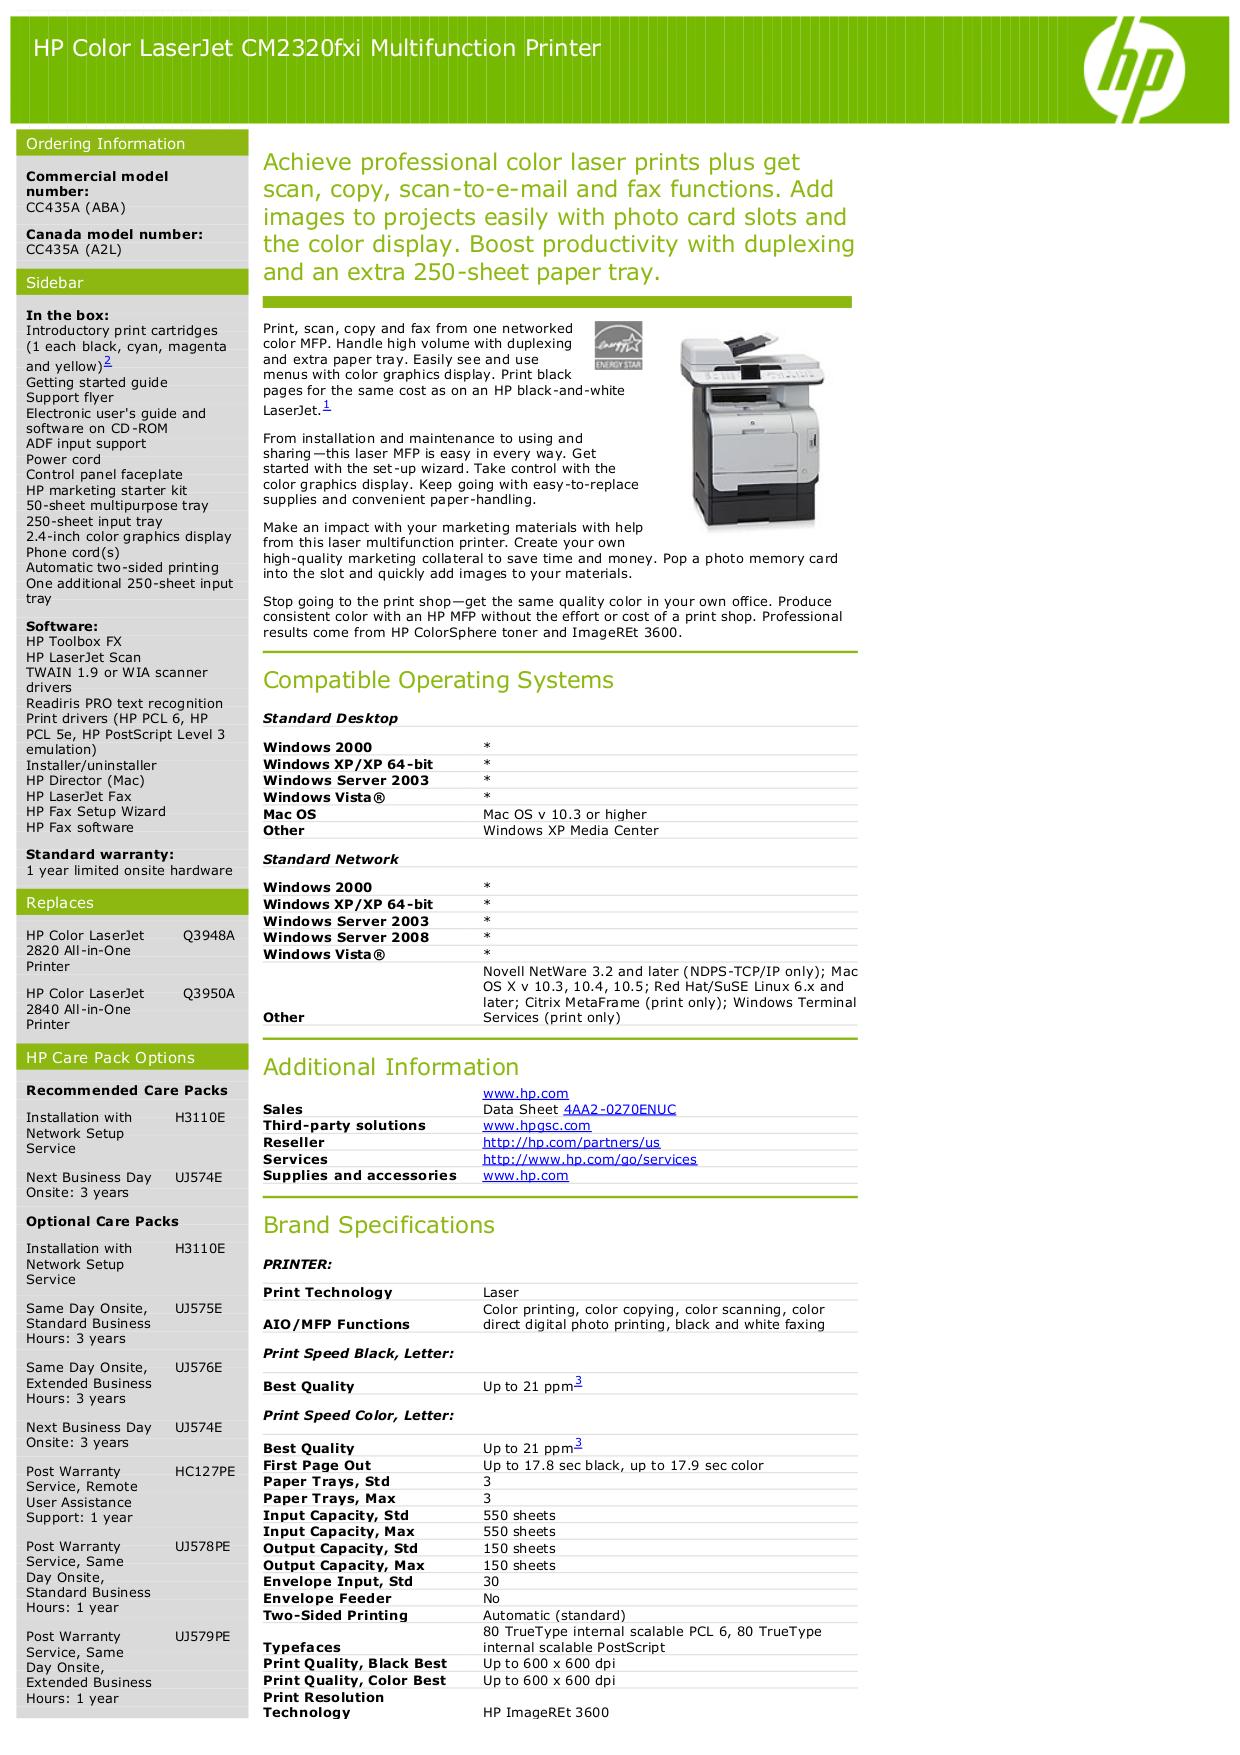 pdf for HP Multifunction Printer Laserjet,Color Laserjet CM2320nf manual